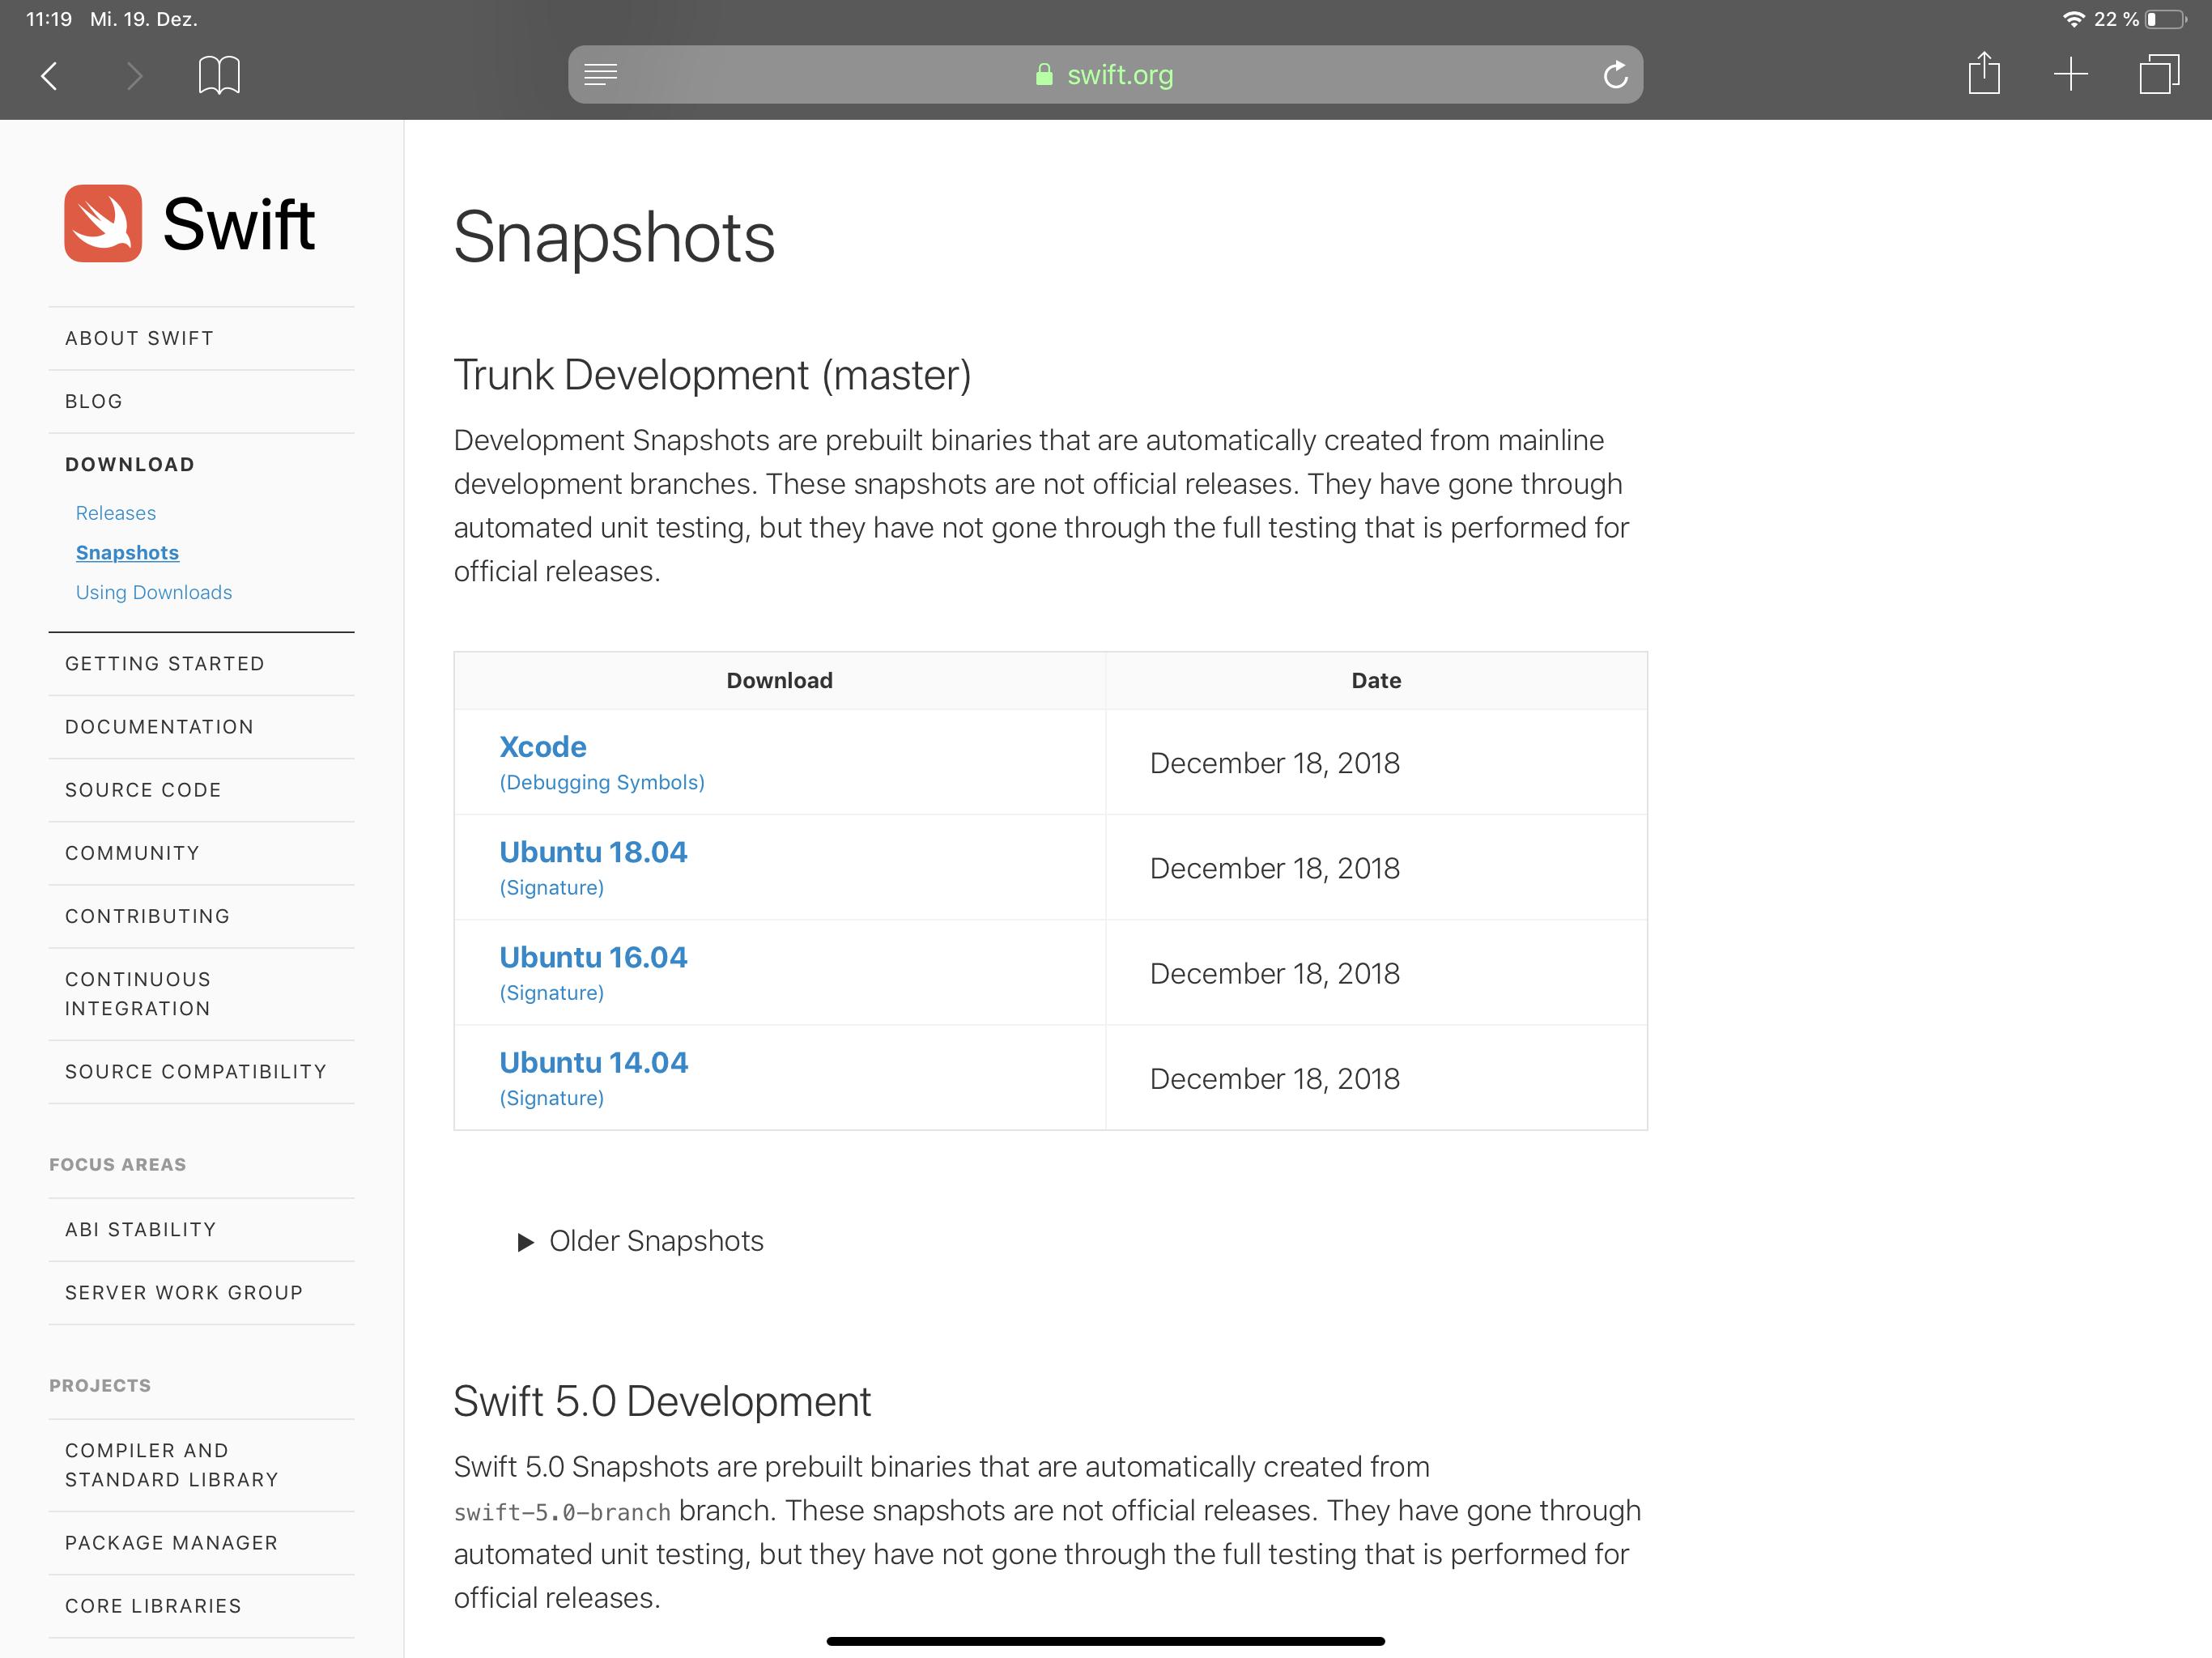 Aktuelle Snapshots stehen auf Swift.org zum Download bereit.